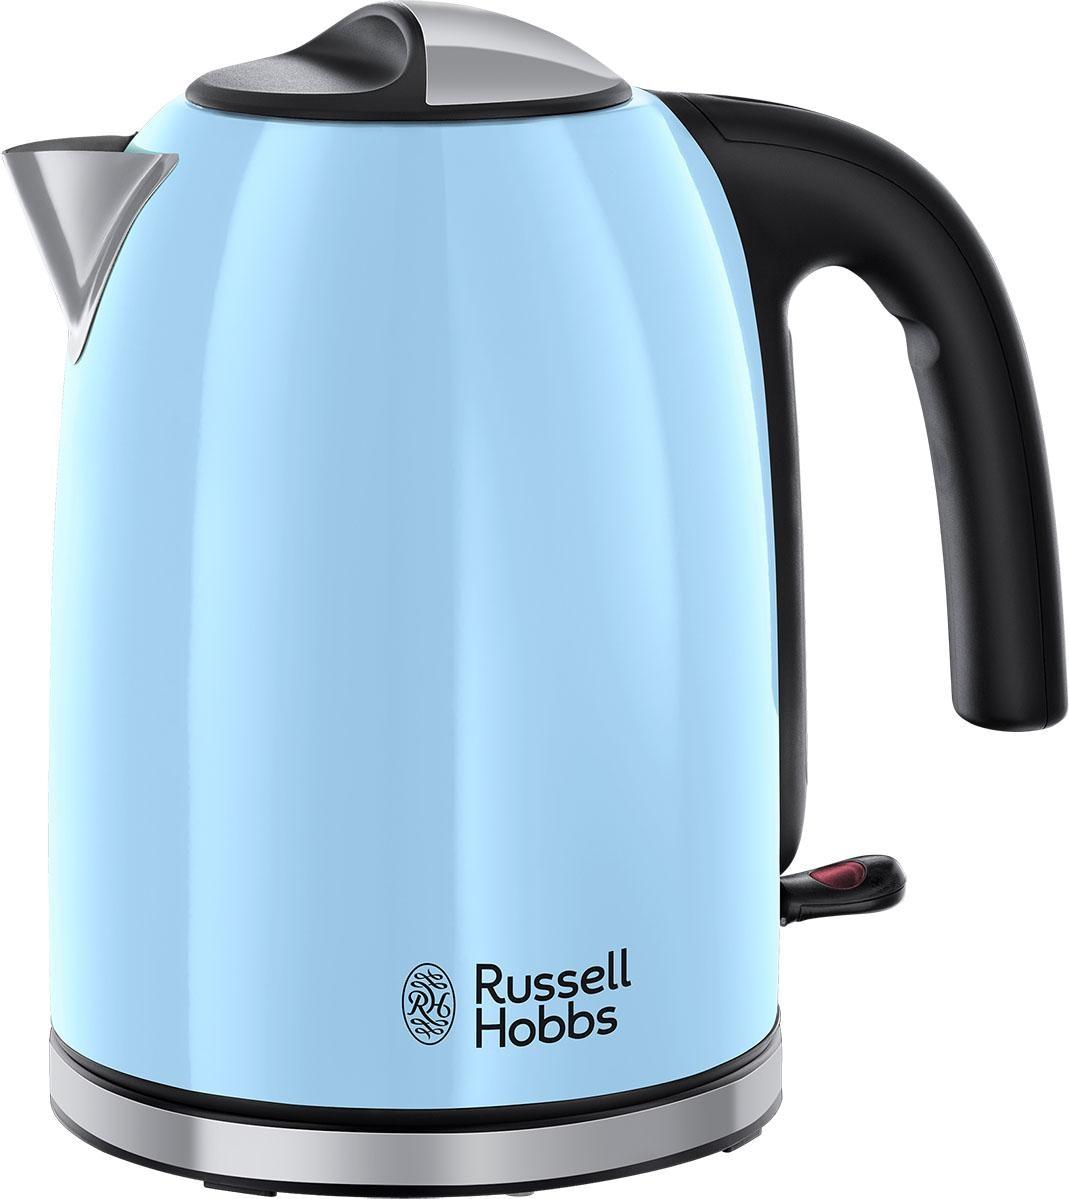 RUSSELL HOBBS Glas Wasserkocher Edelstahl 1,7 Liter 2200W  Blaue LED Beleuchtung